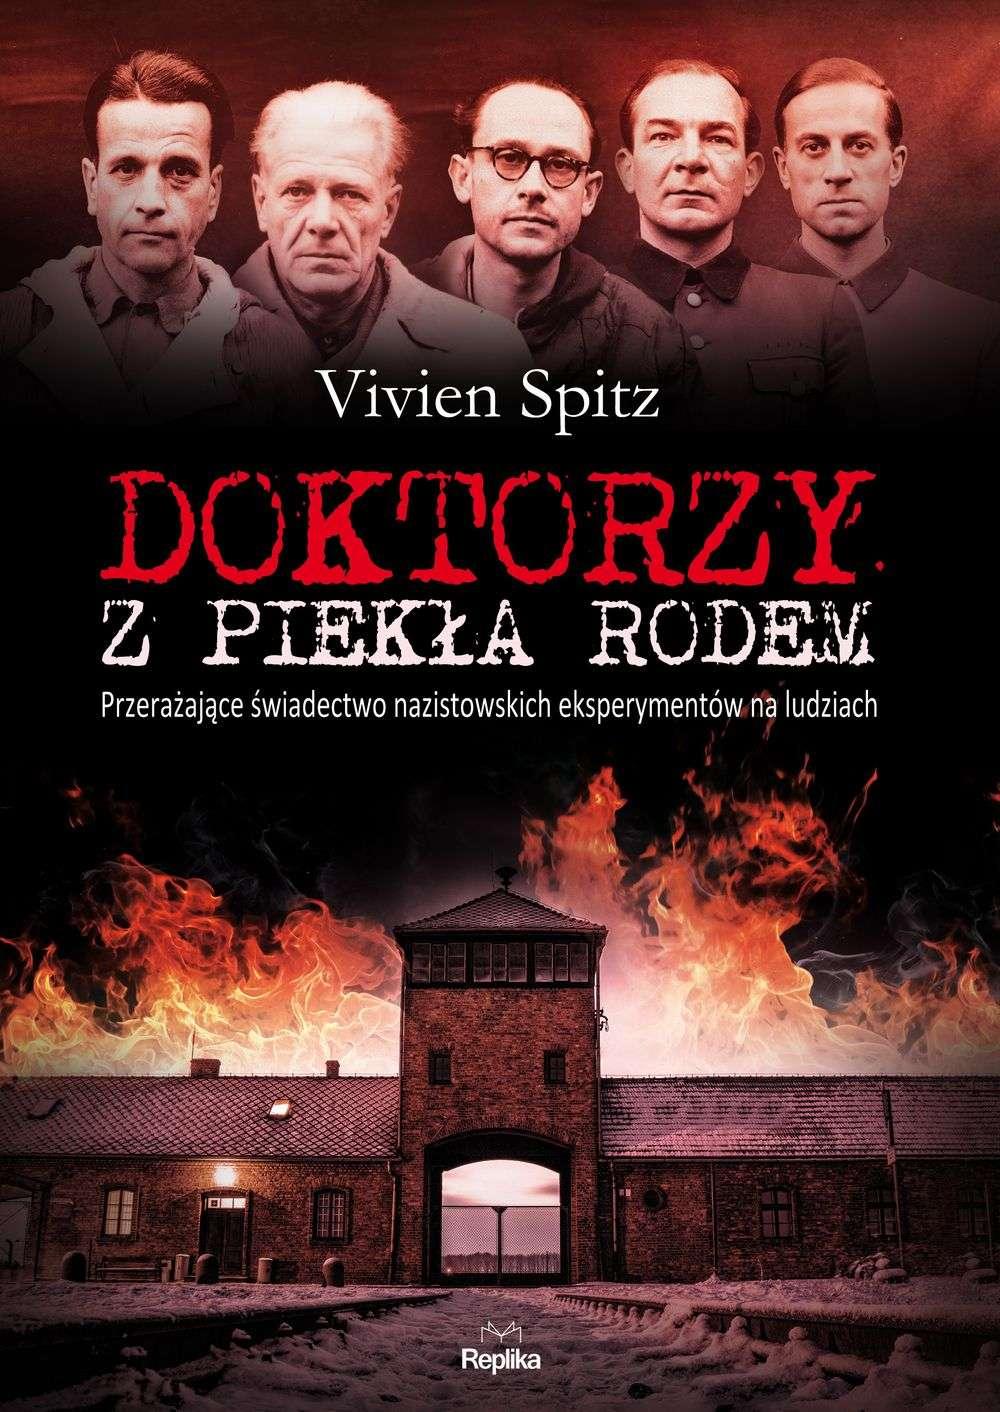 Doktorzy_z_piekla_rodem._Przerazajace_swiadectwa_nazistowskich_eksperymentow_na_ludziach